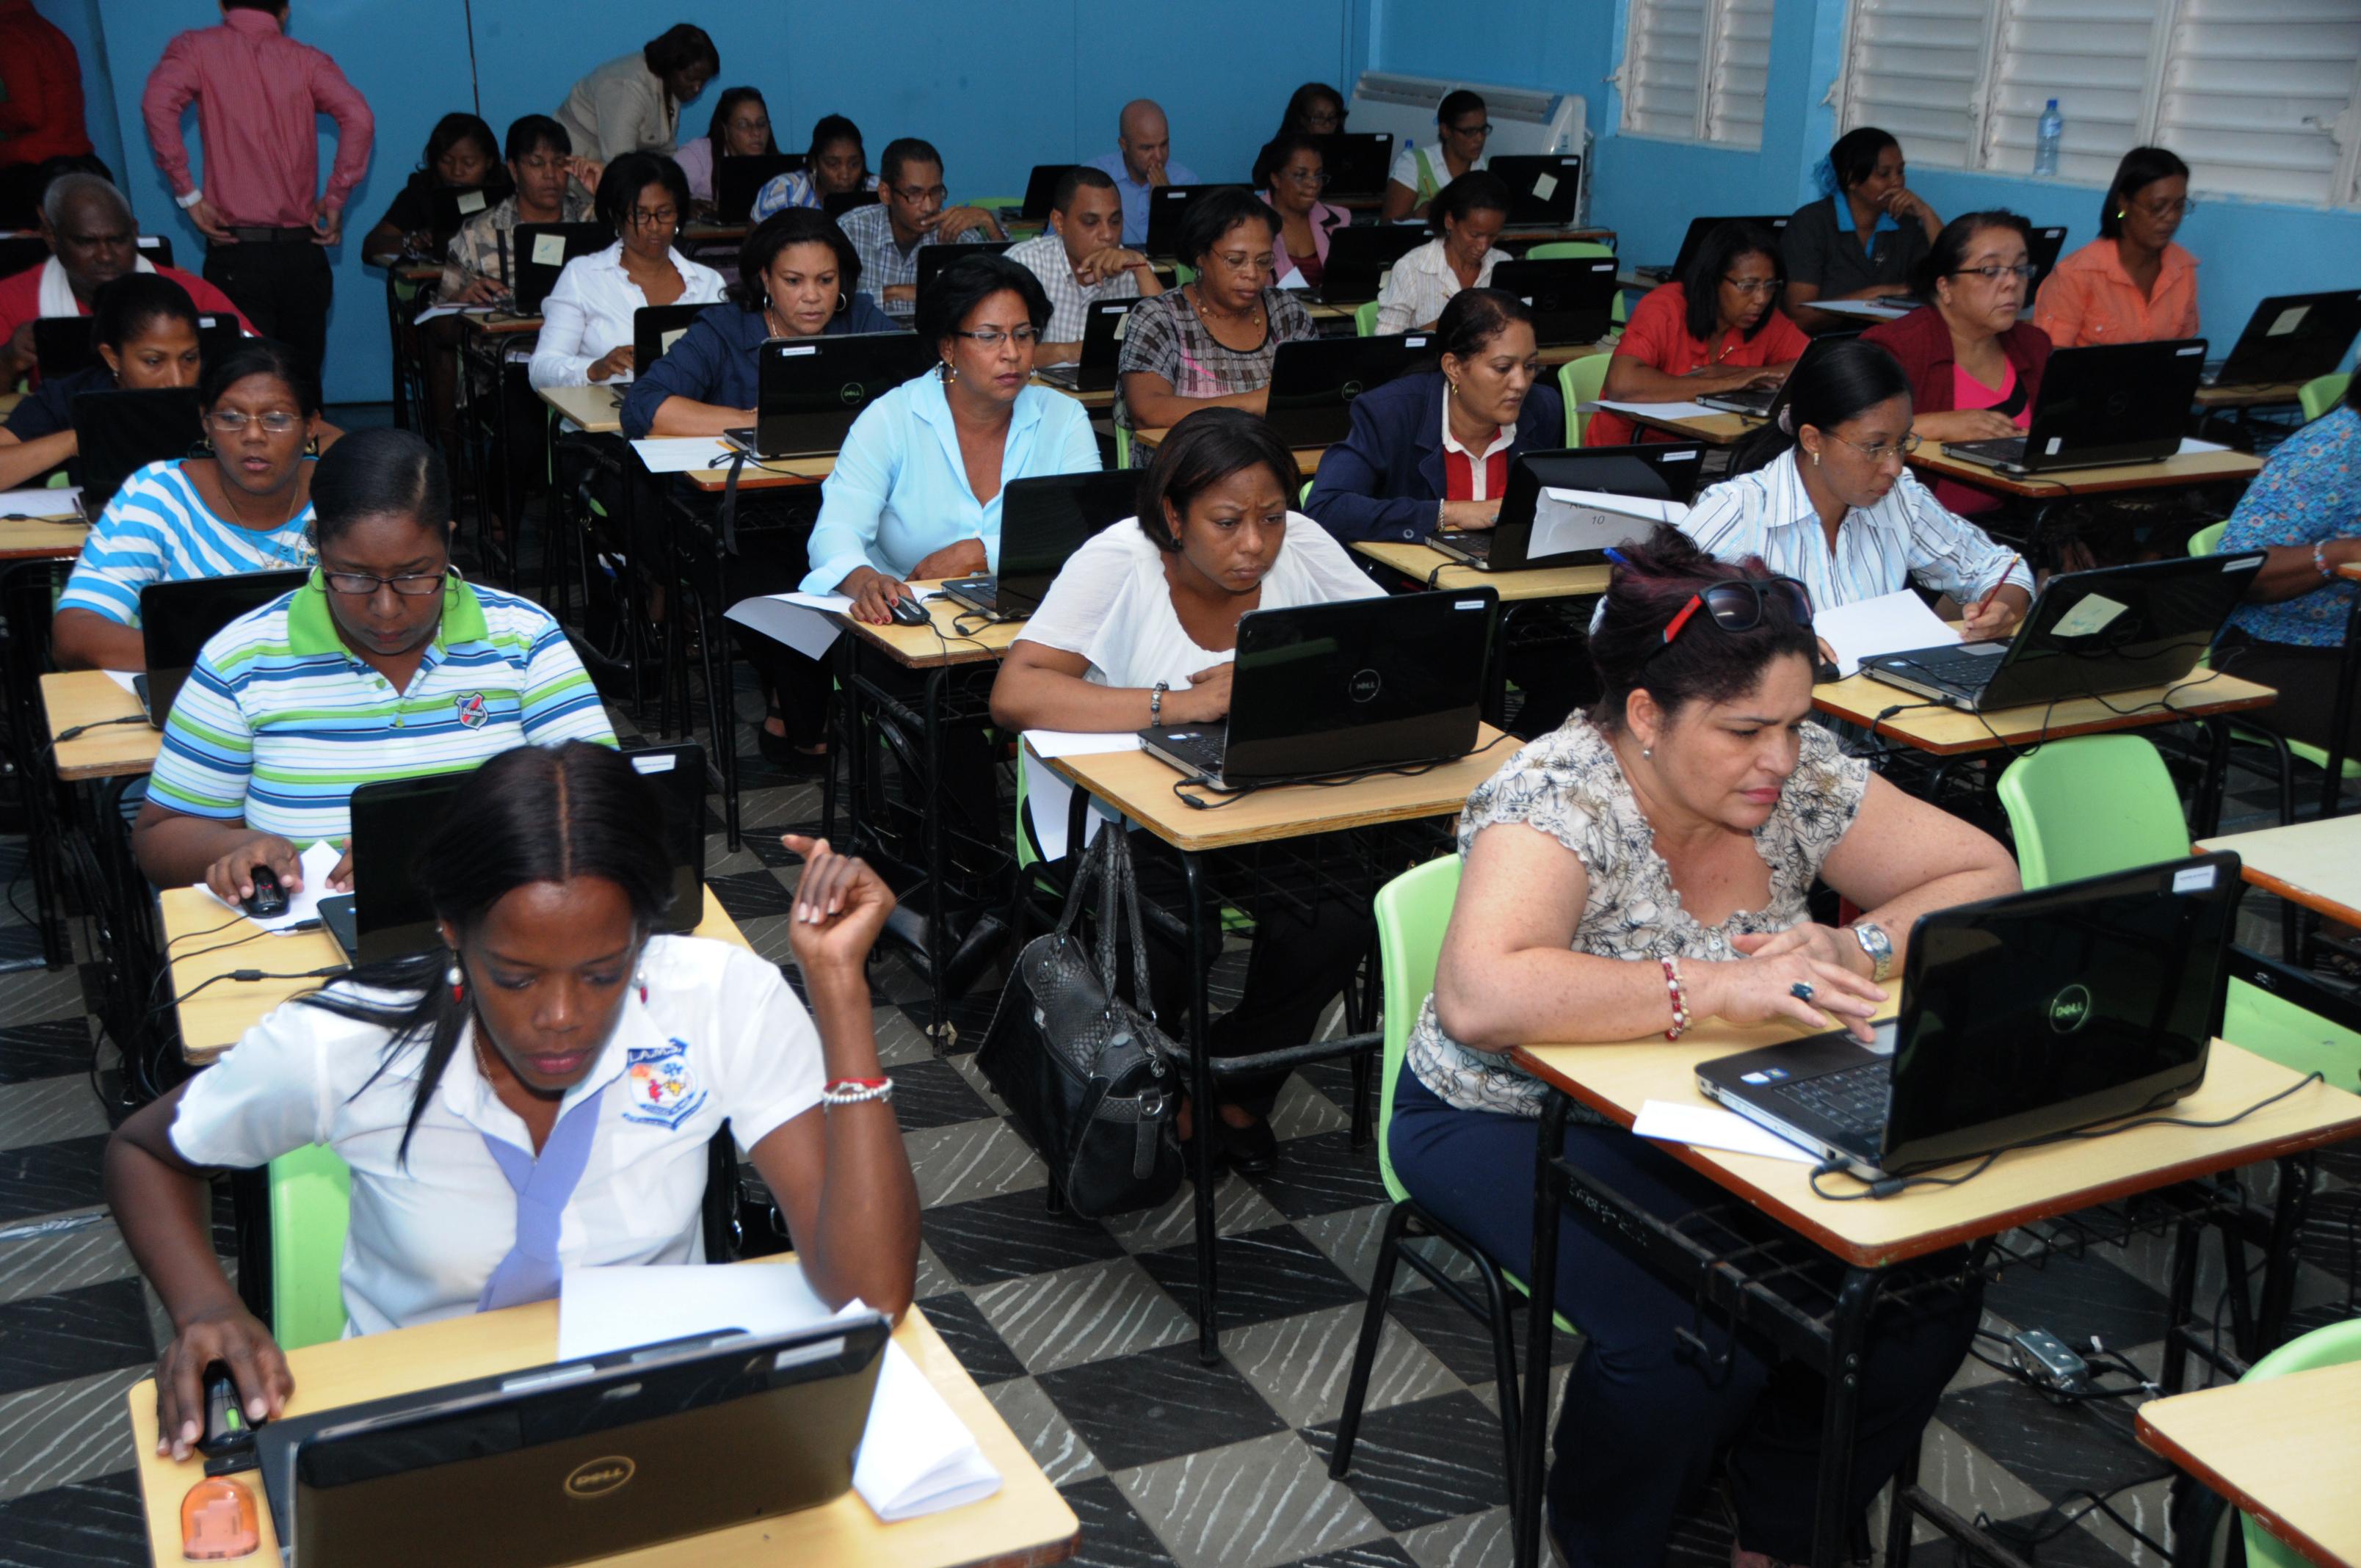 M s de 20 mil profesores compiten por seis mil vacantes en for Vacantes para profesores